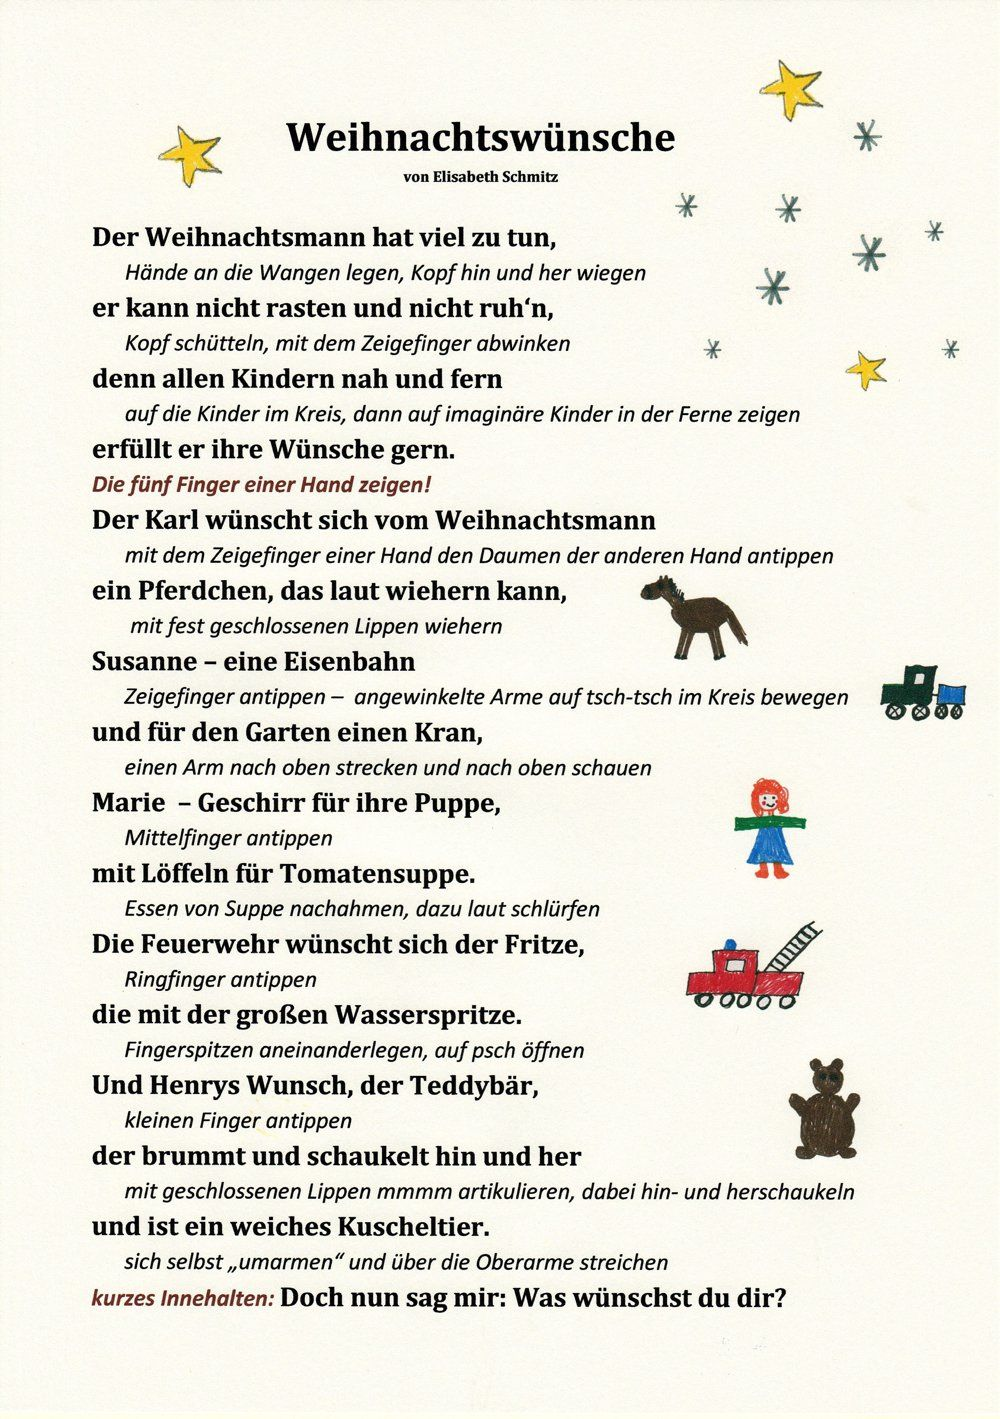 Ein Weihnachtsgedicht Mit Bewegungen Kitakram De Weihnachtsgedichte Gedicht Weihnachten Texte Fur Weihnachtskarten